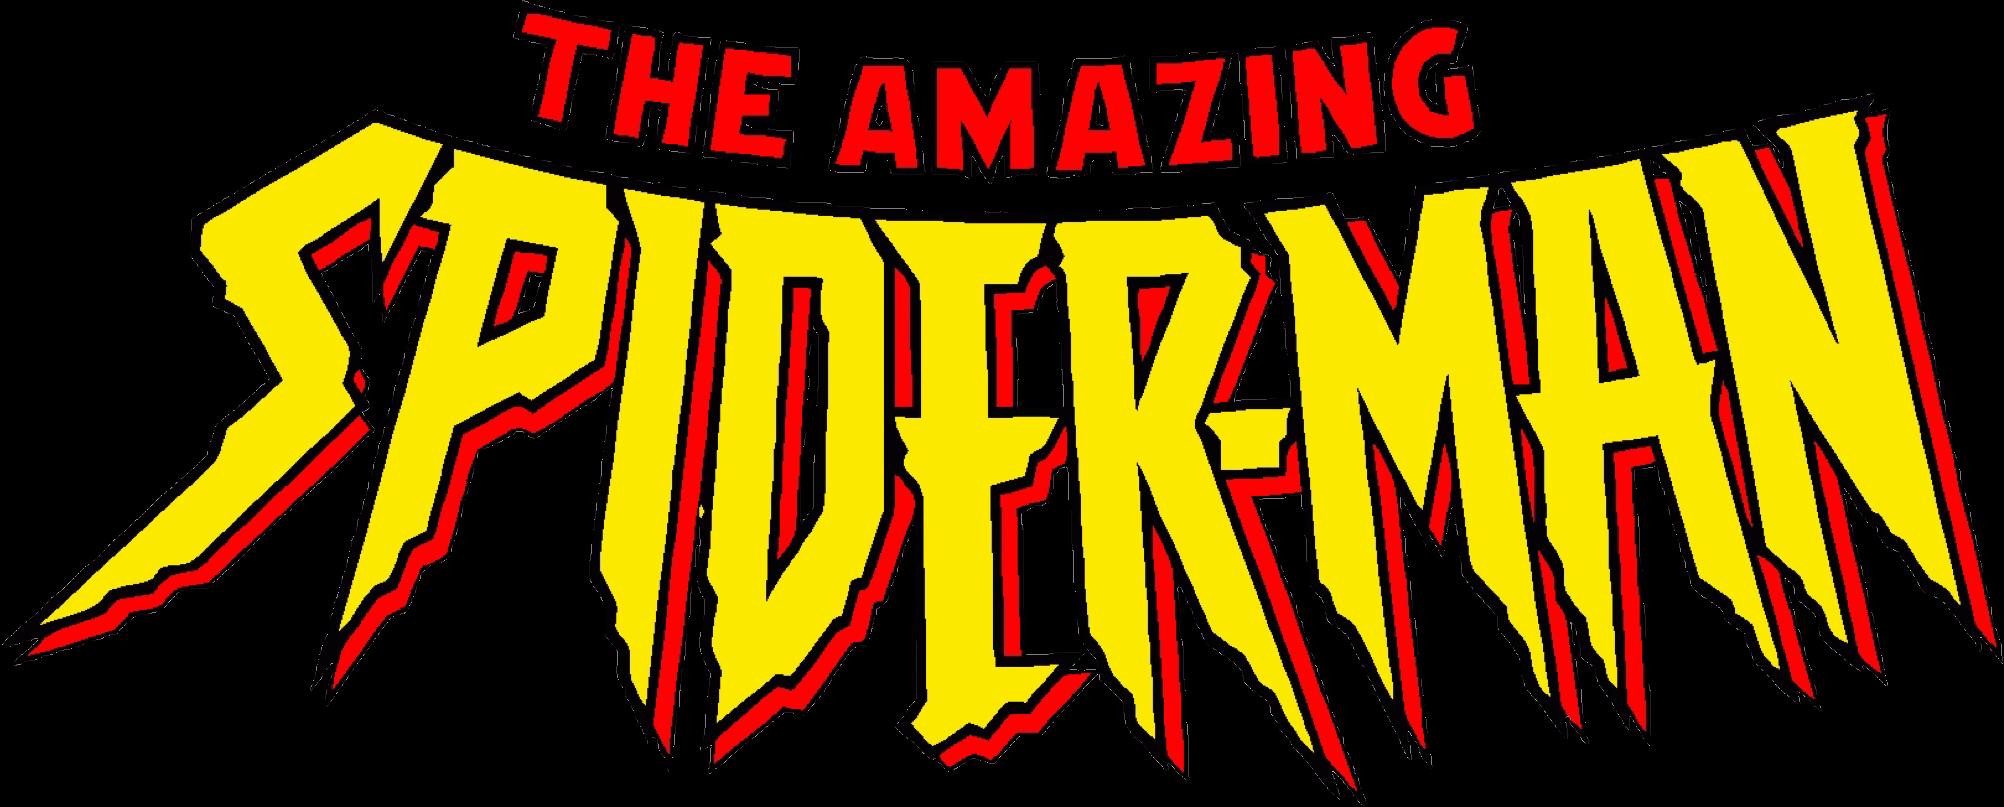 AmazingSpiderman1994